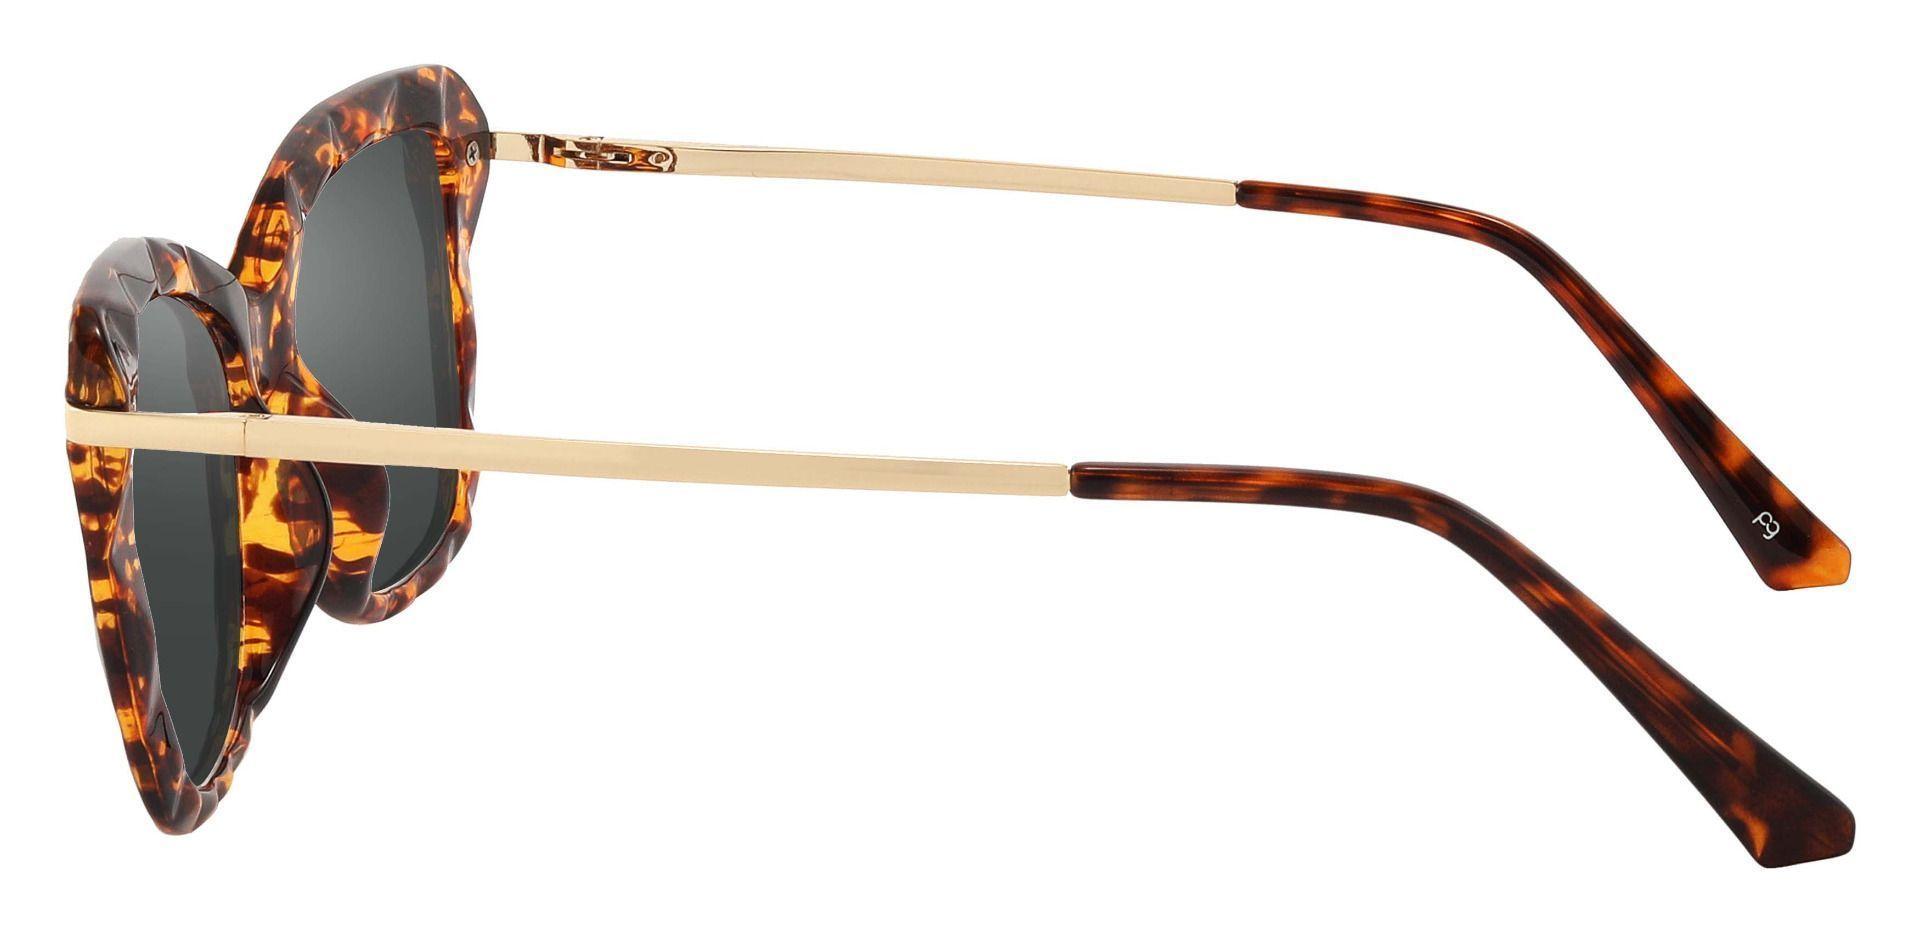 Shoshanna Rectangle Prescription Sunglasses - Tortoise Frame With Gray Lenses